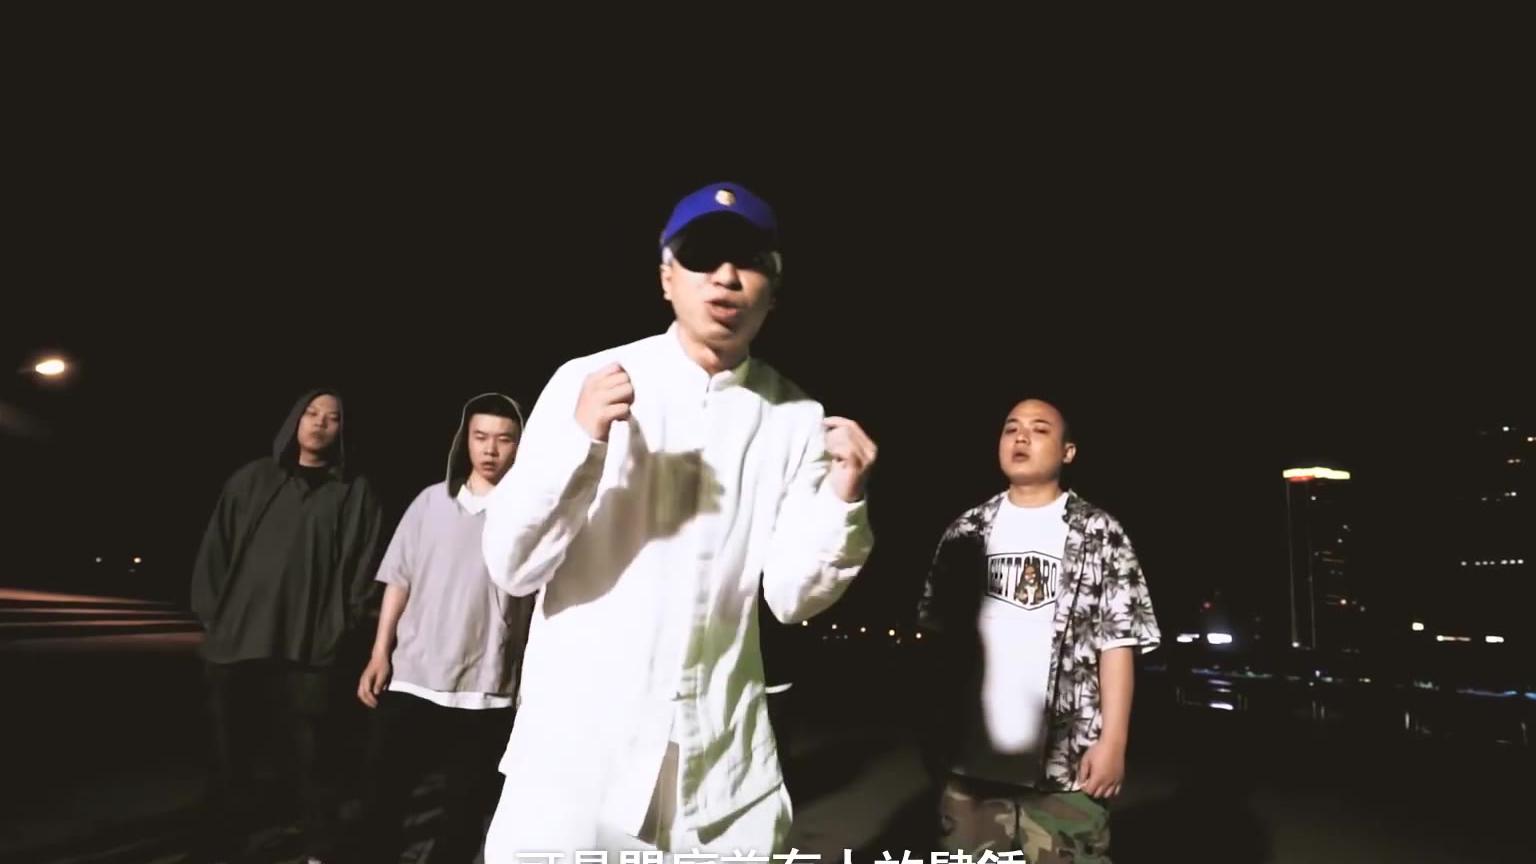 【SUP】2017 CSC CYPHER - W.D.G.A.F [Official MV]